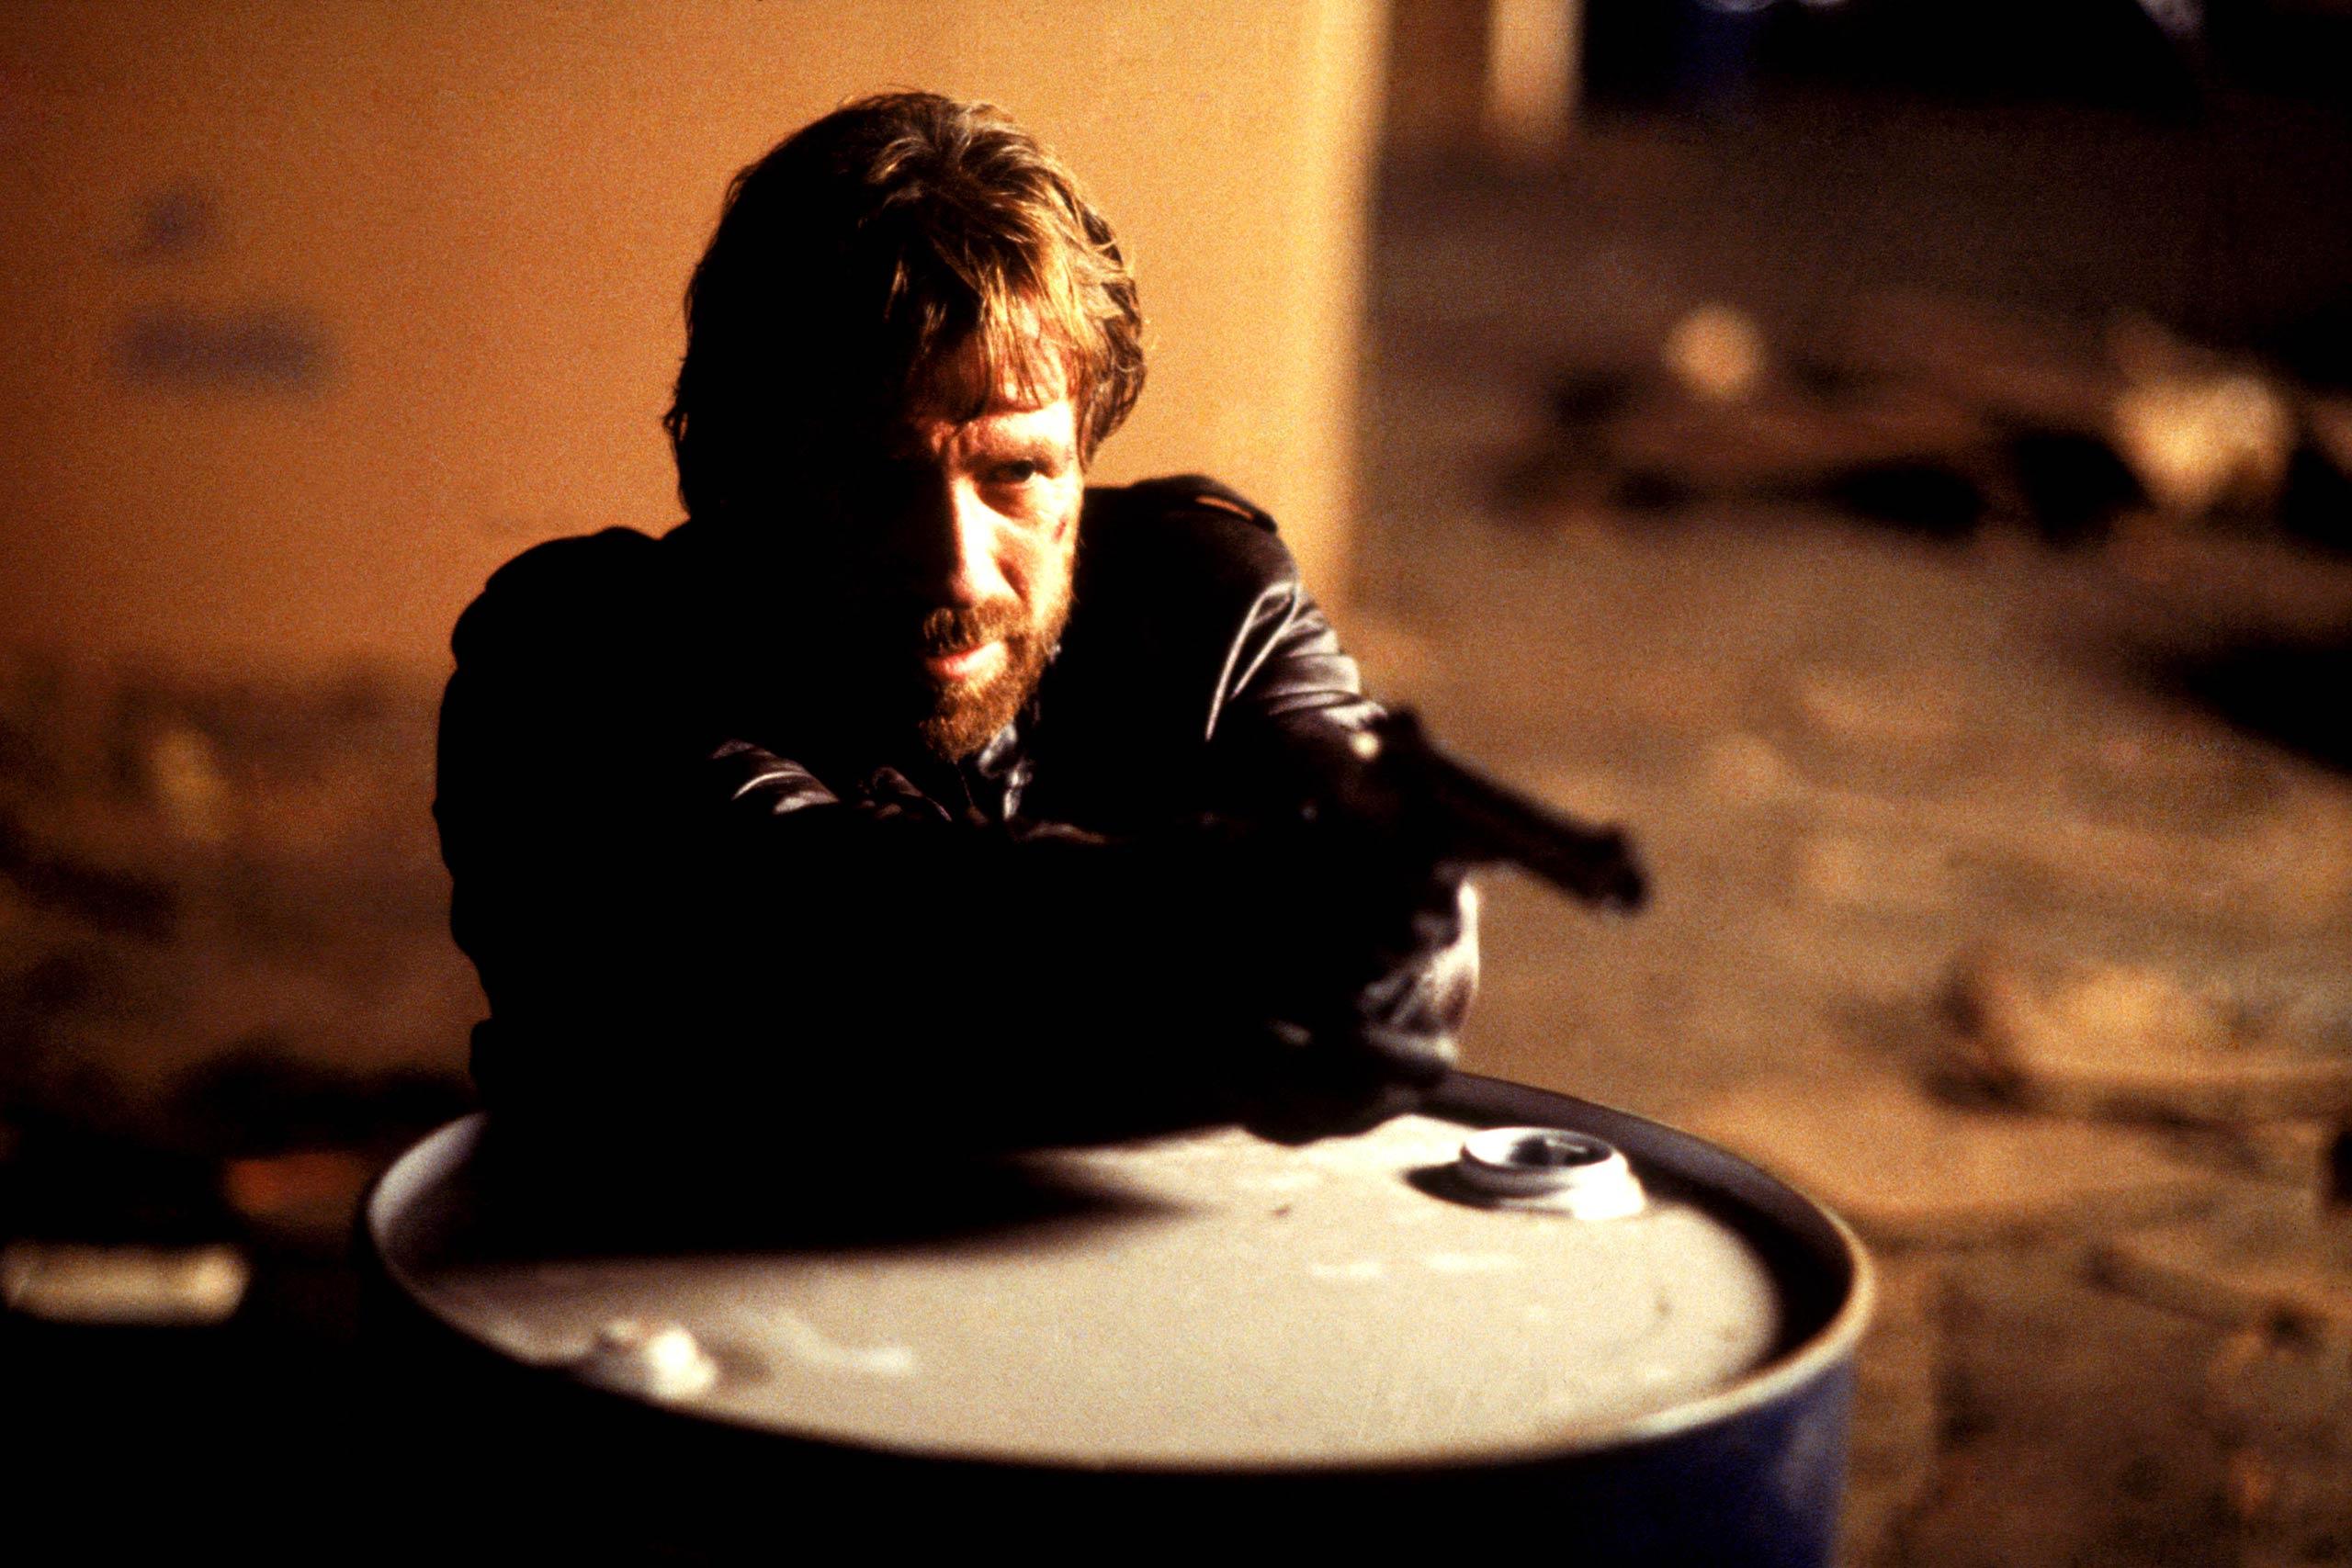 Chuck Norris as Eddie Cusack in Code of Silence, 1985.